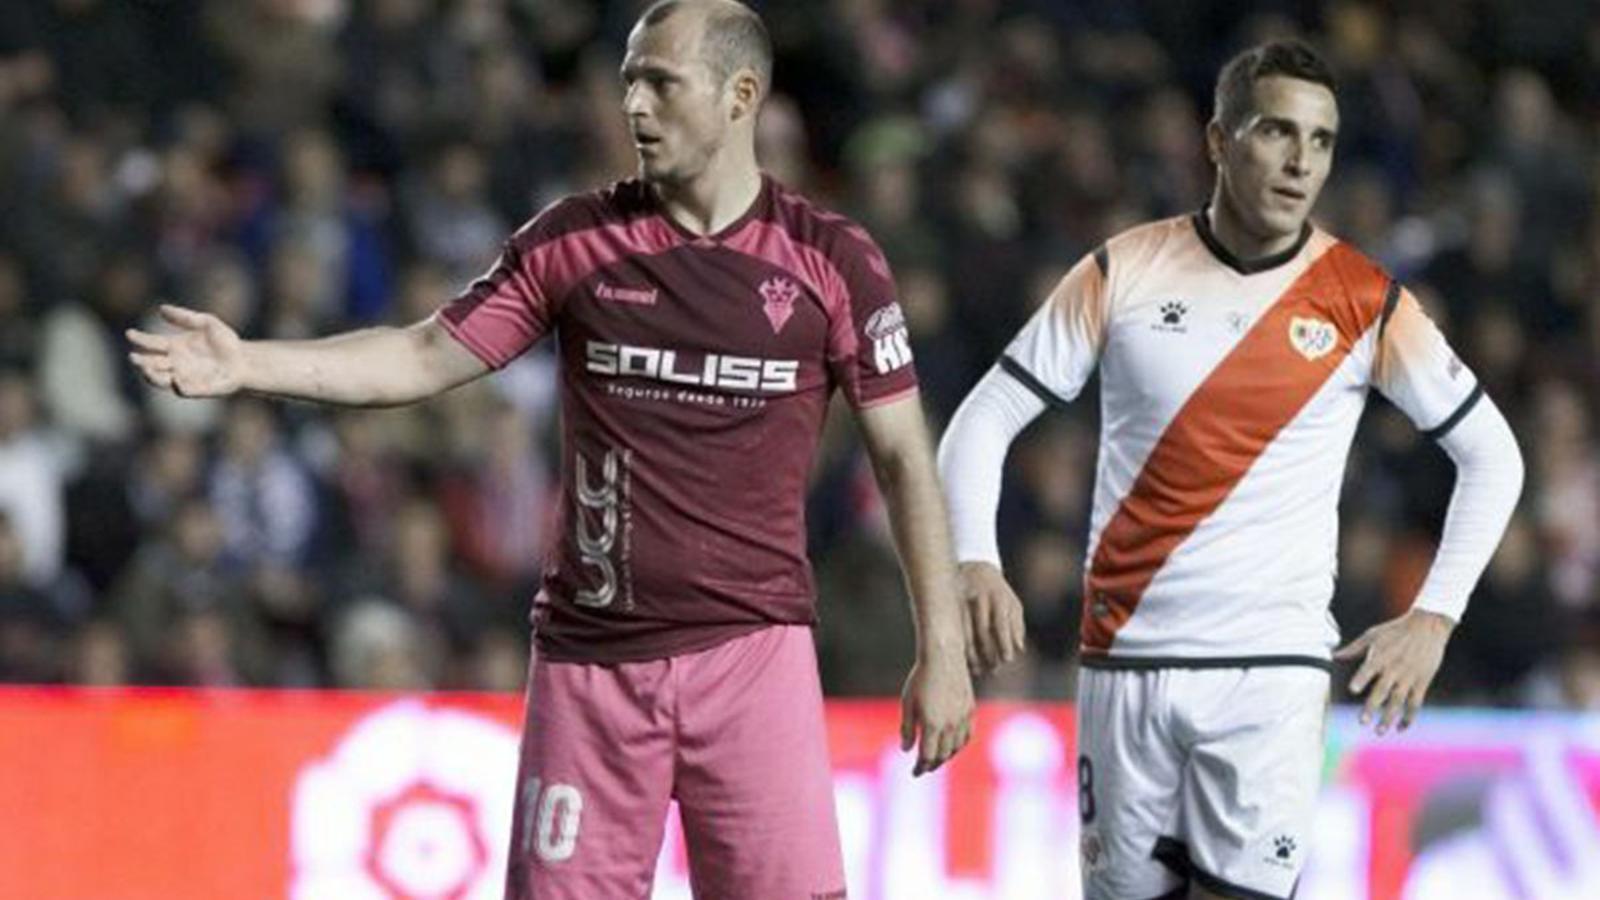 """Se suspèn el Rayo-Albacete després que part de l'afició digués """"puto nazi"""" al visitant Zozulya"""